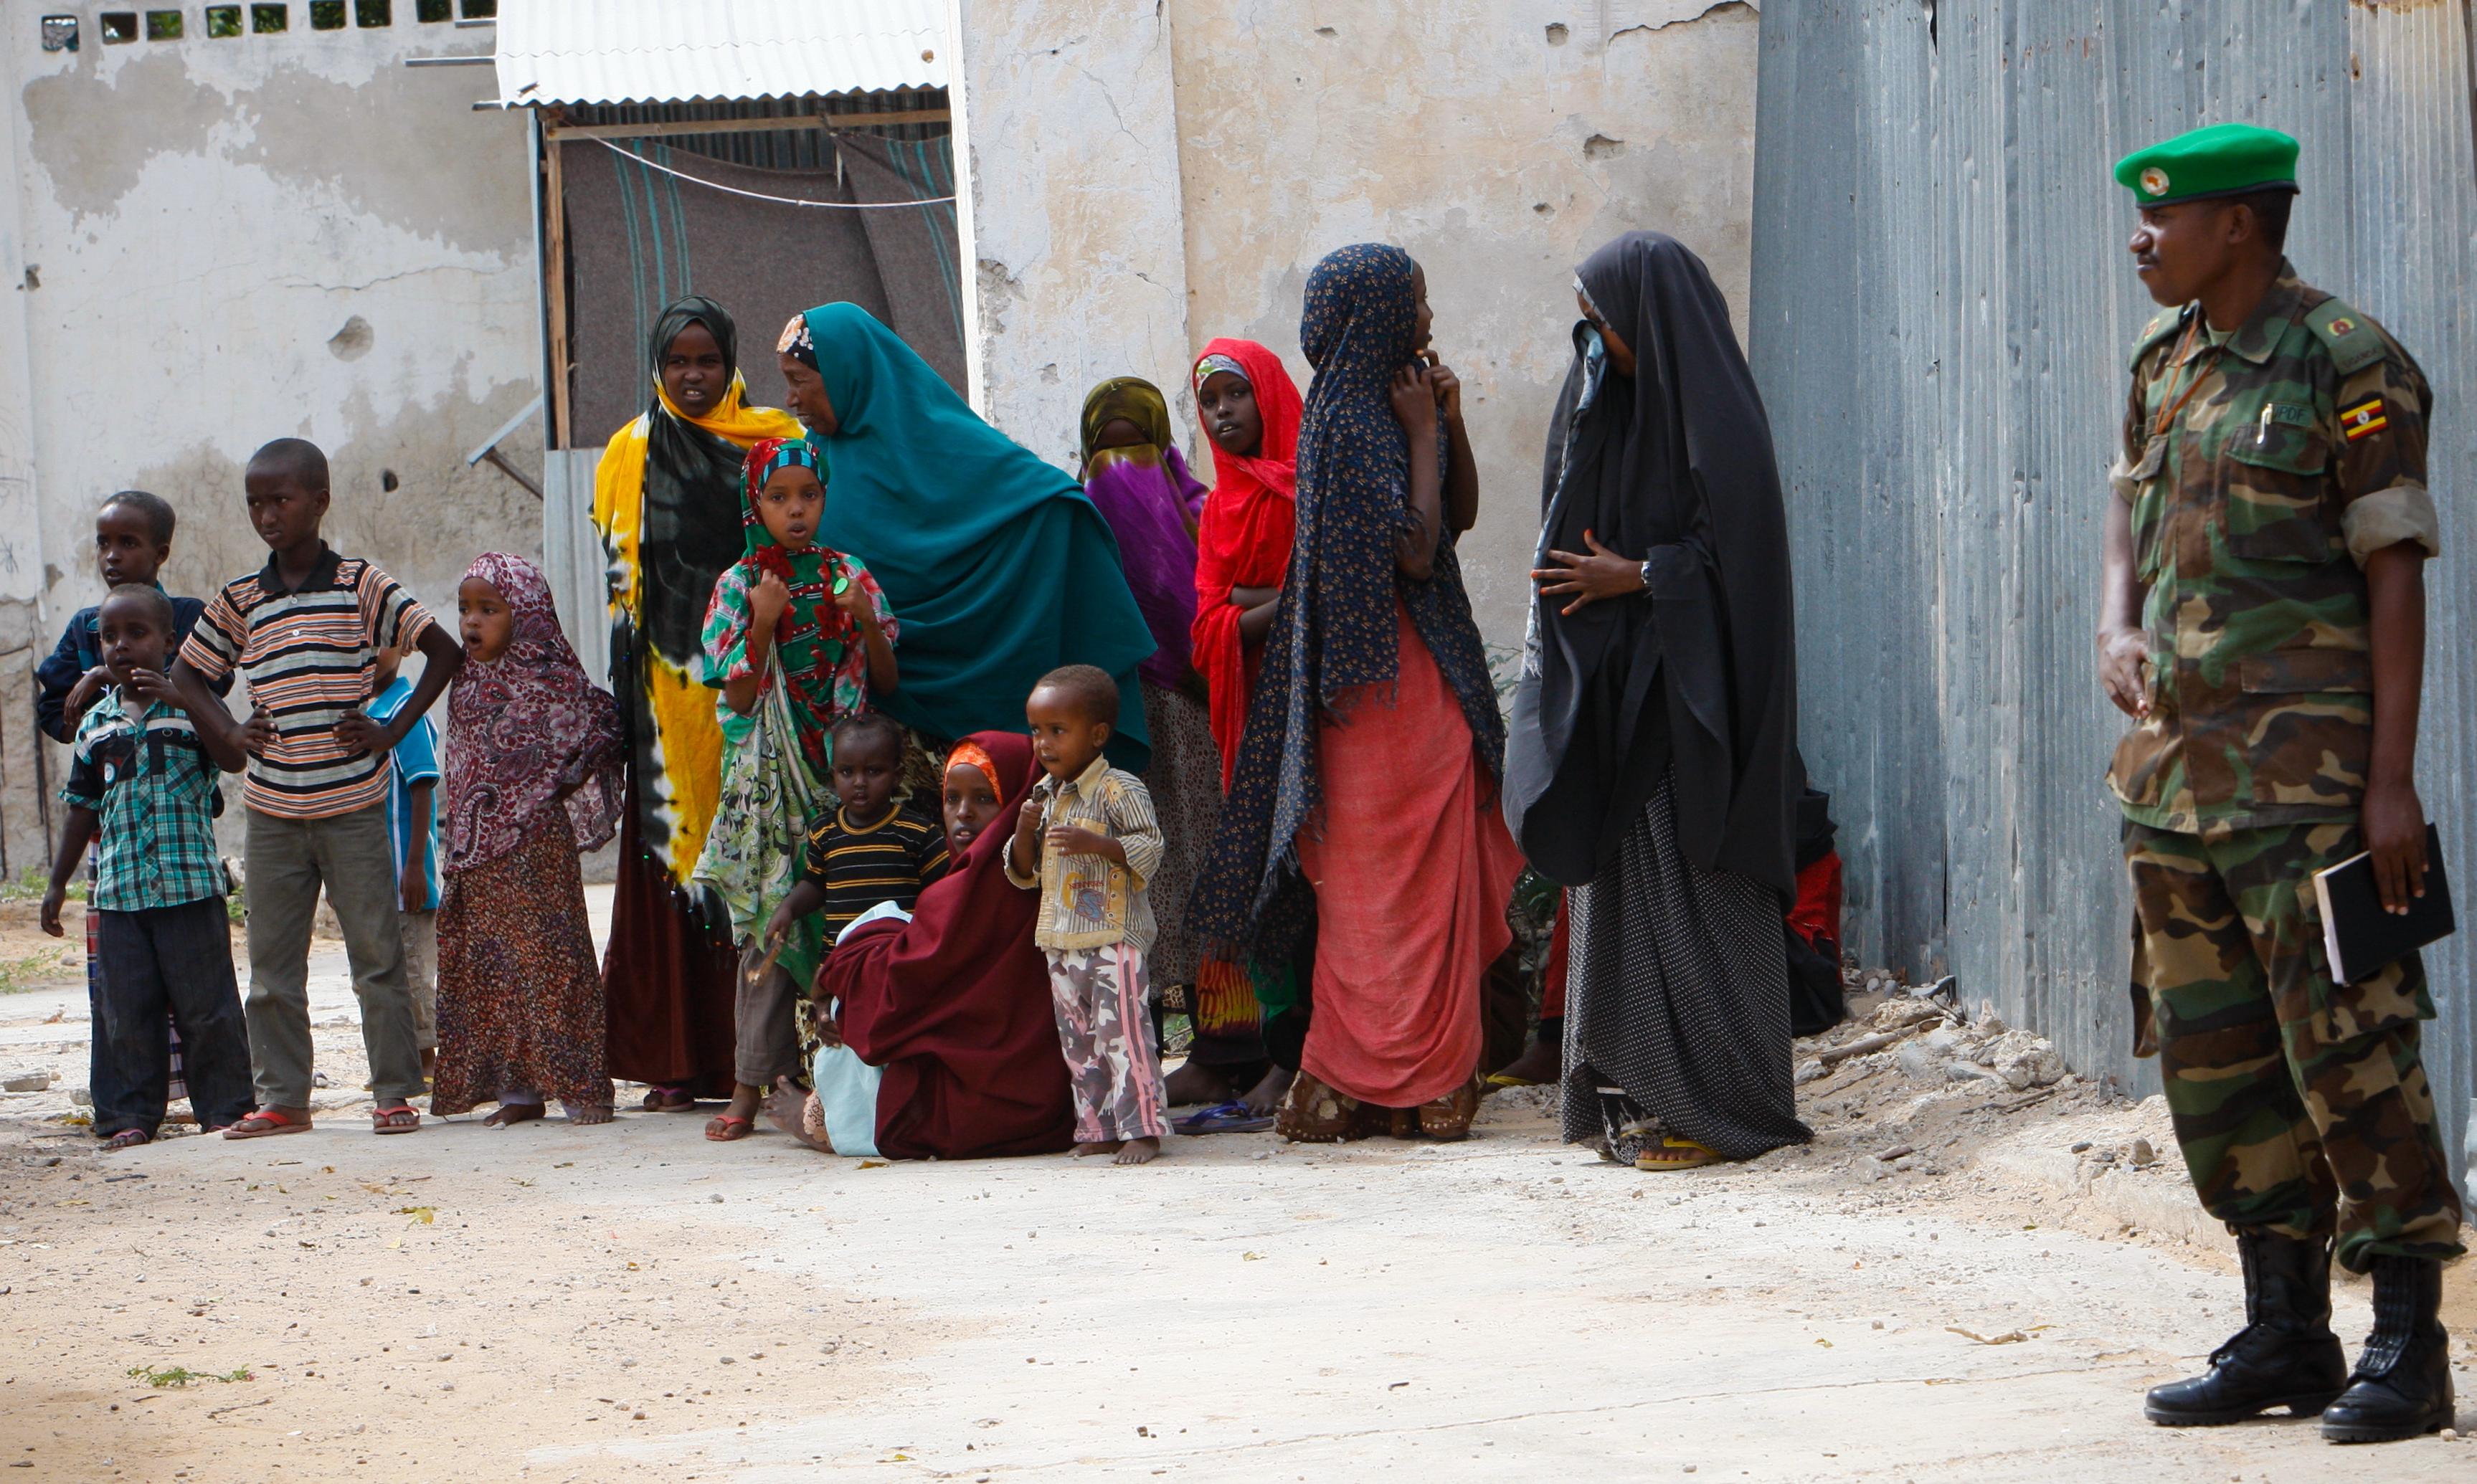 Updf celebrate tarehe sita in somalia 06 photo